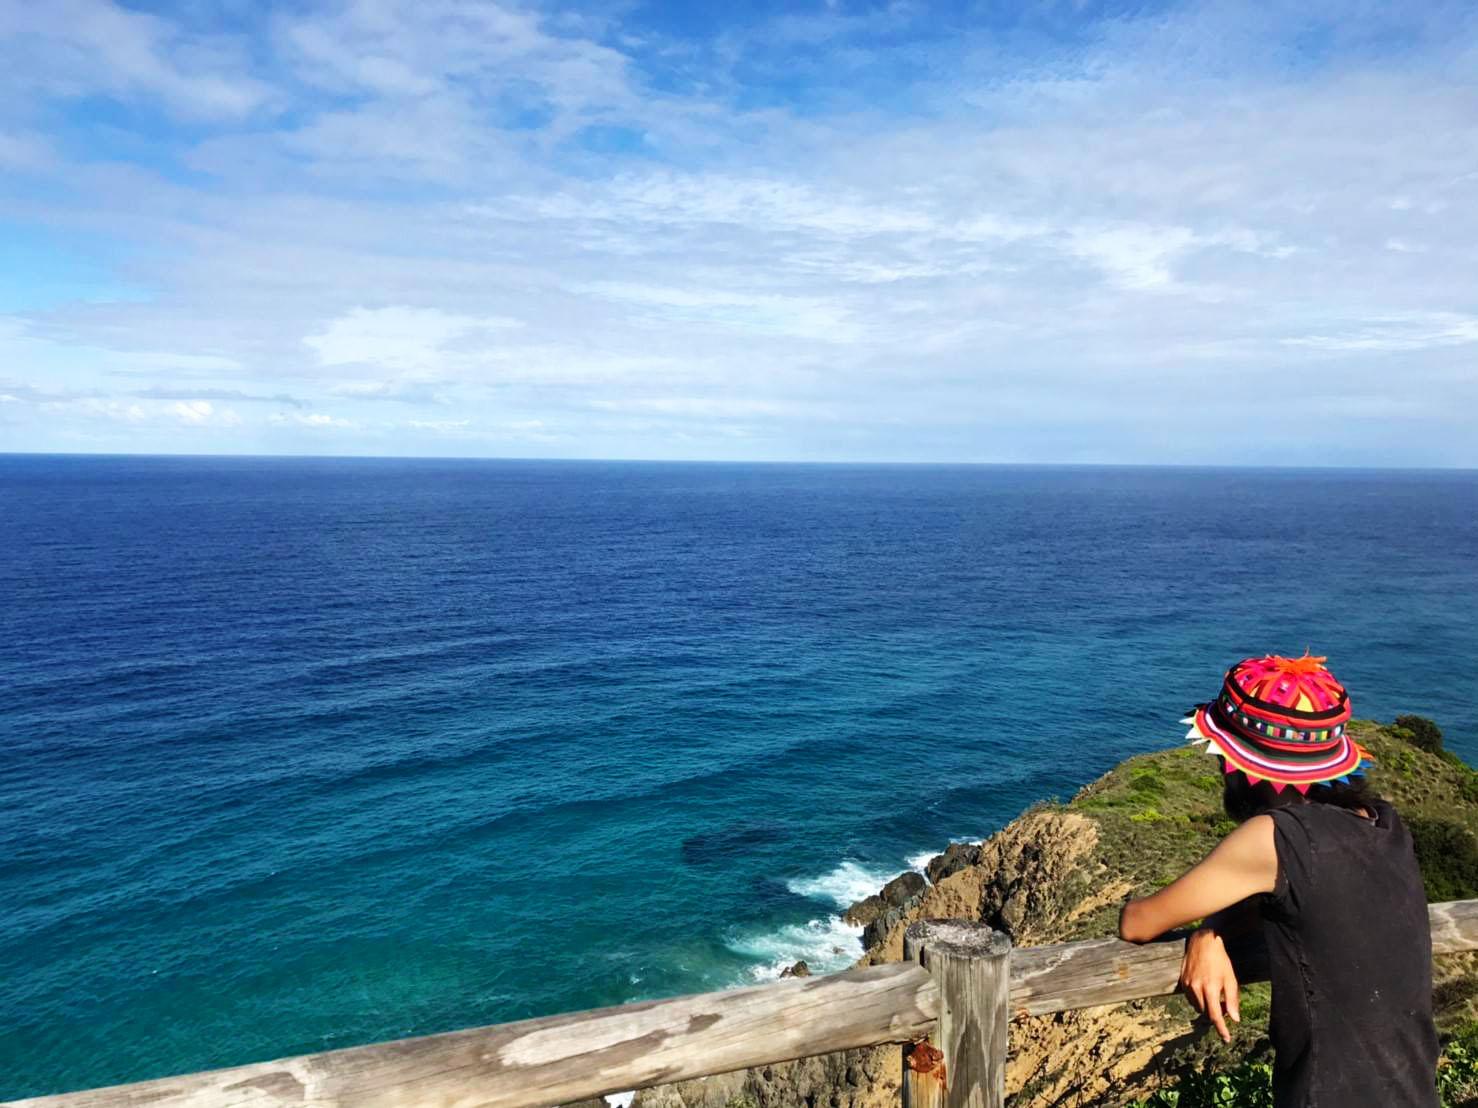 海外旅行で海に行くときの注意点